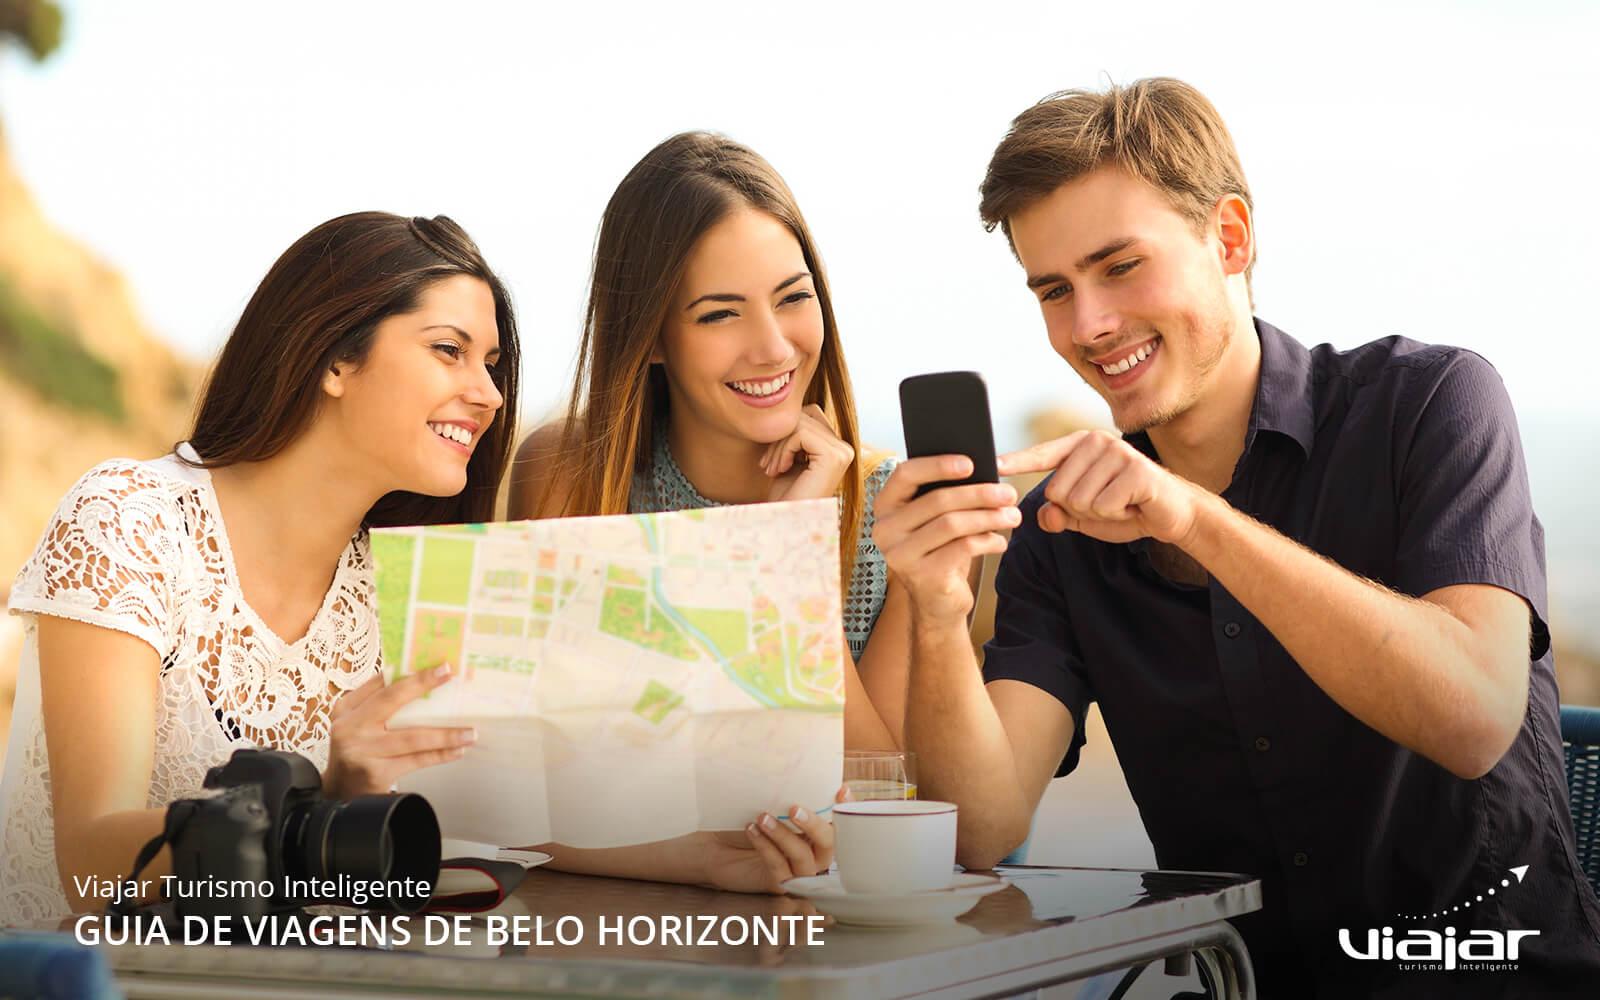 viajar-turismo-inteligente-guia-viagens-belo-horizonte-minas-gerais-17